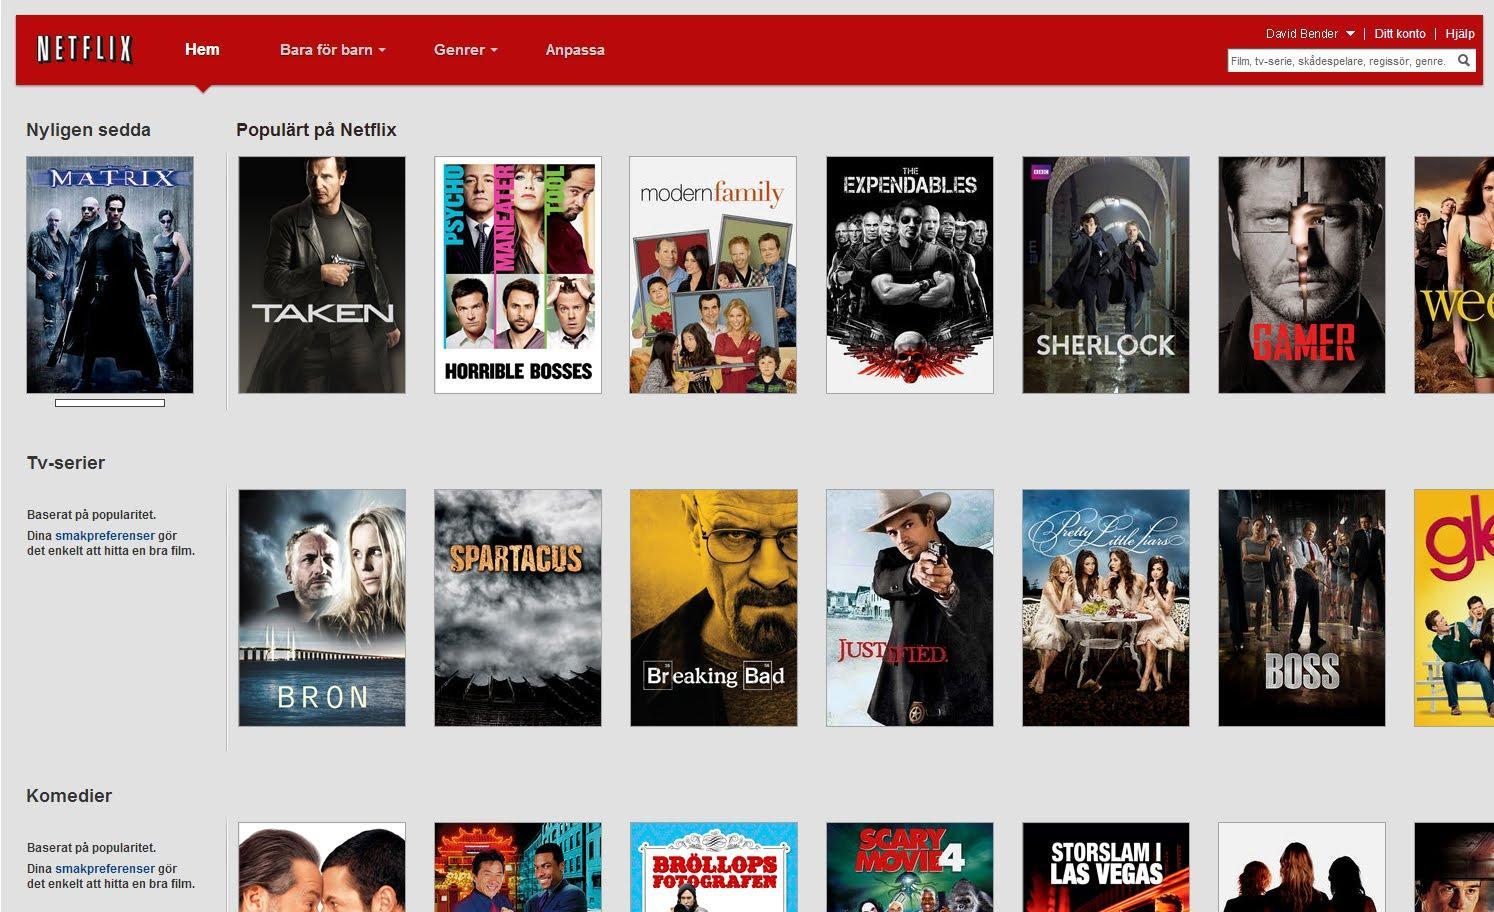 Netflix Sverige.Foto: Netflix